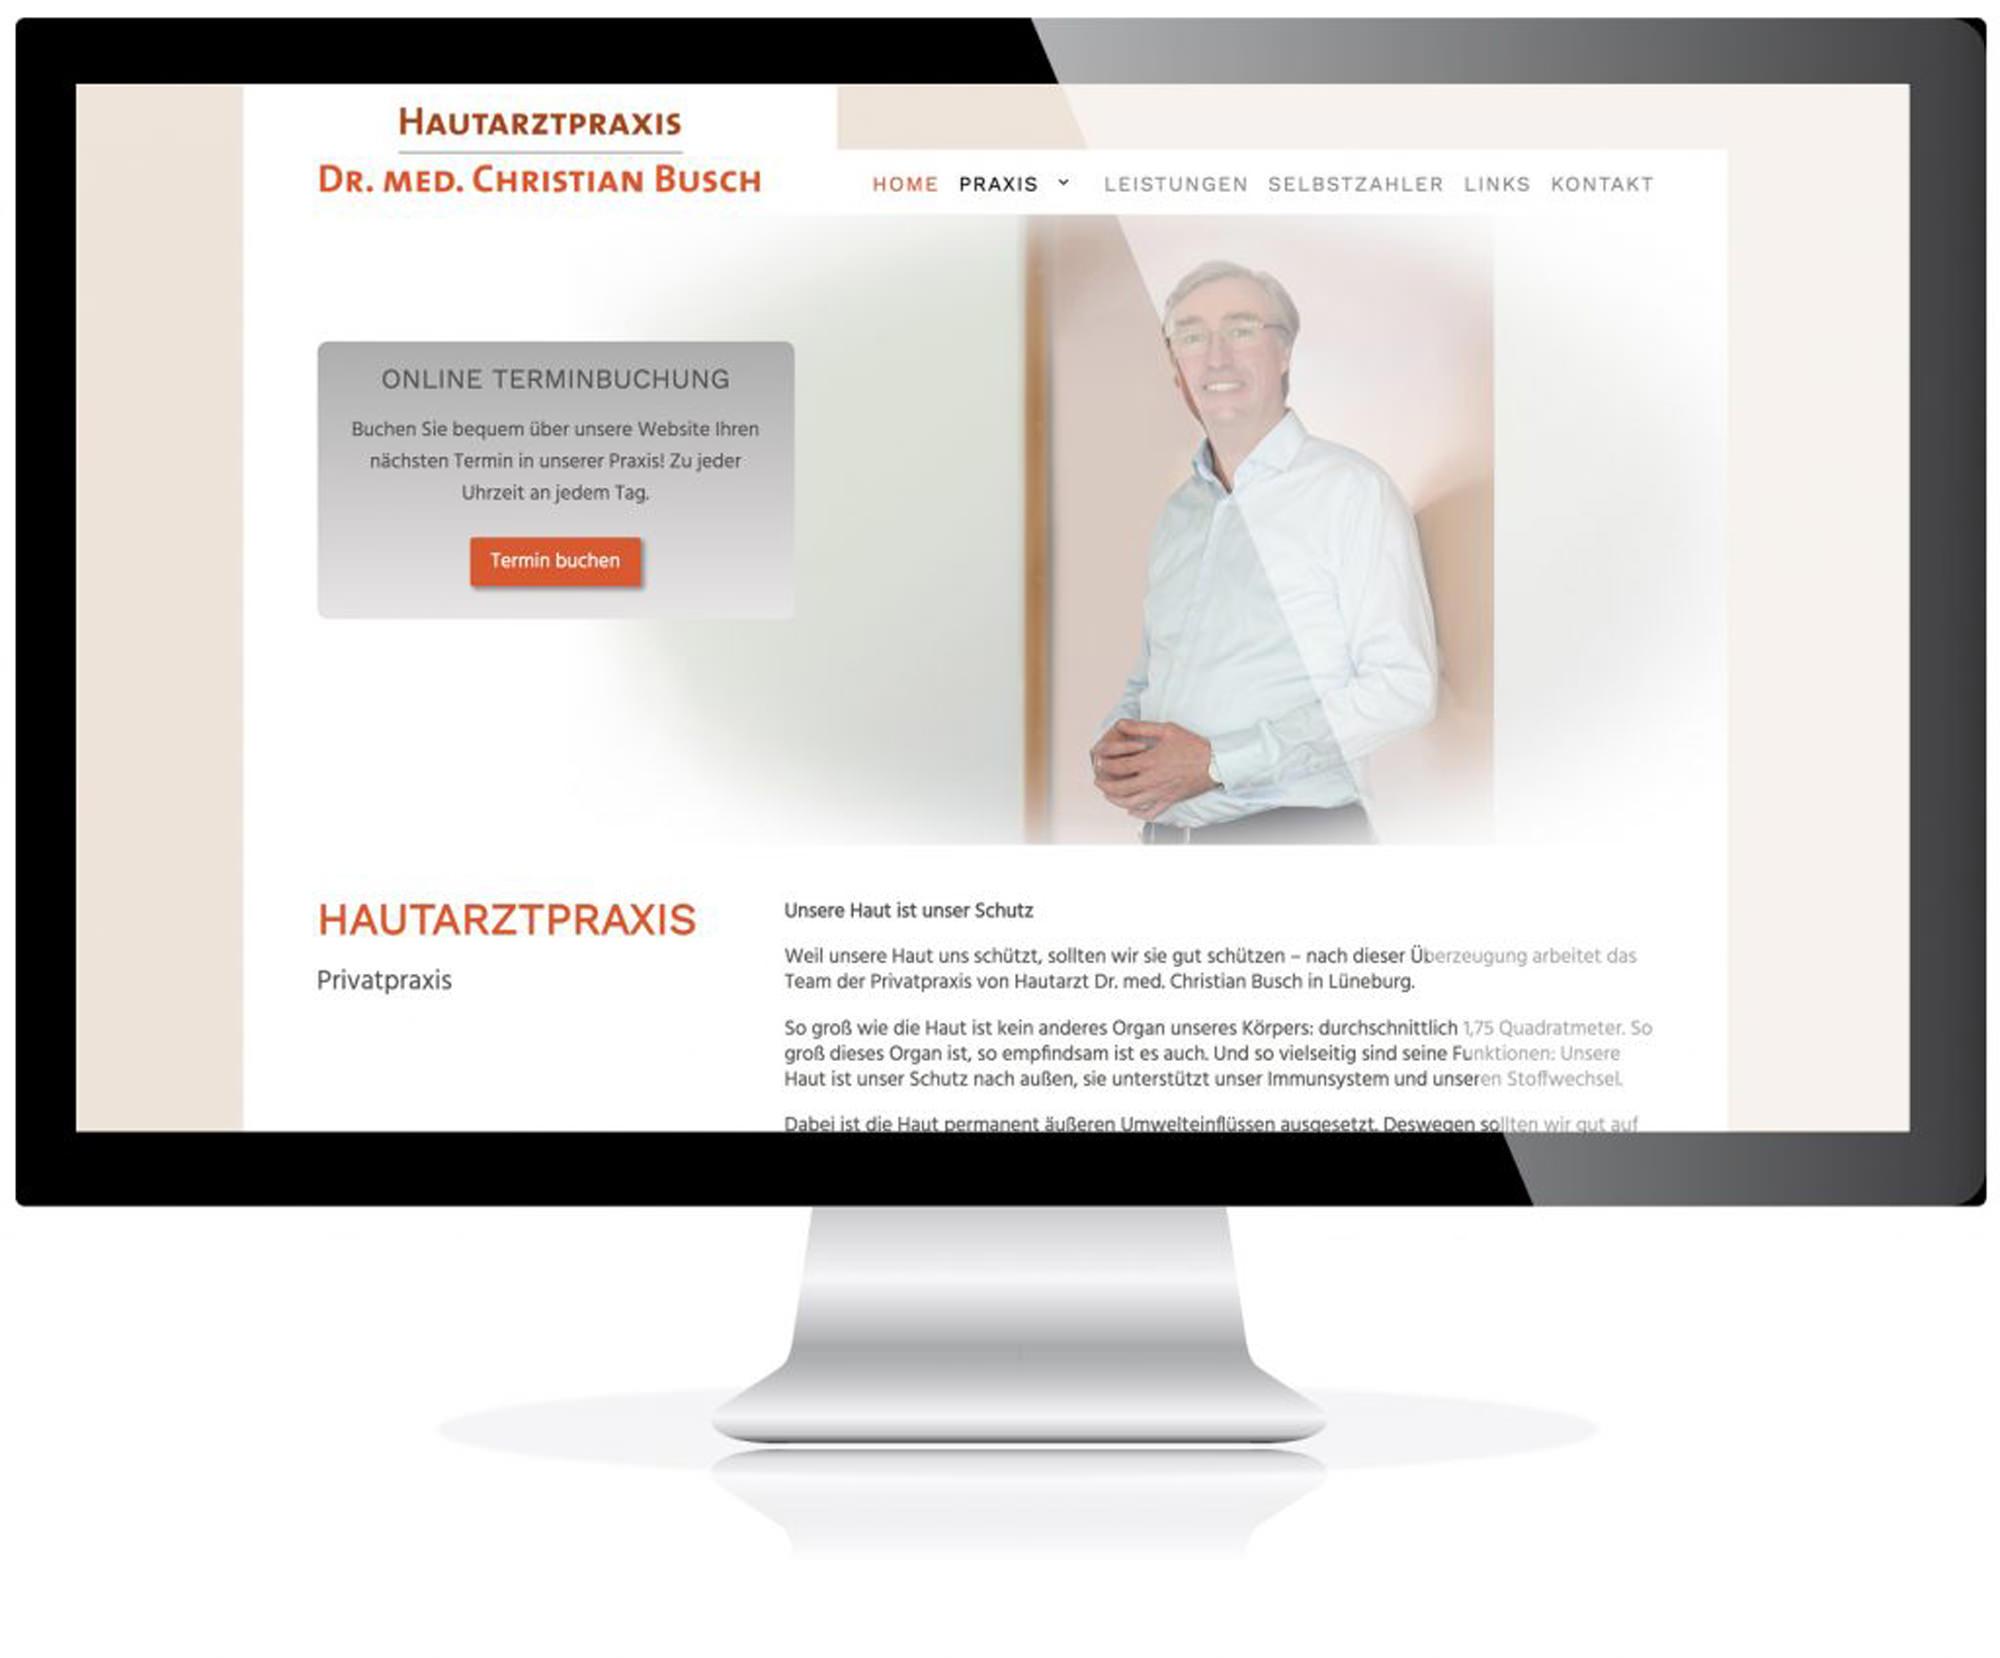 Website für die Hautarztpraxis Dr. Busch, Lüneburg